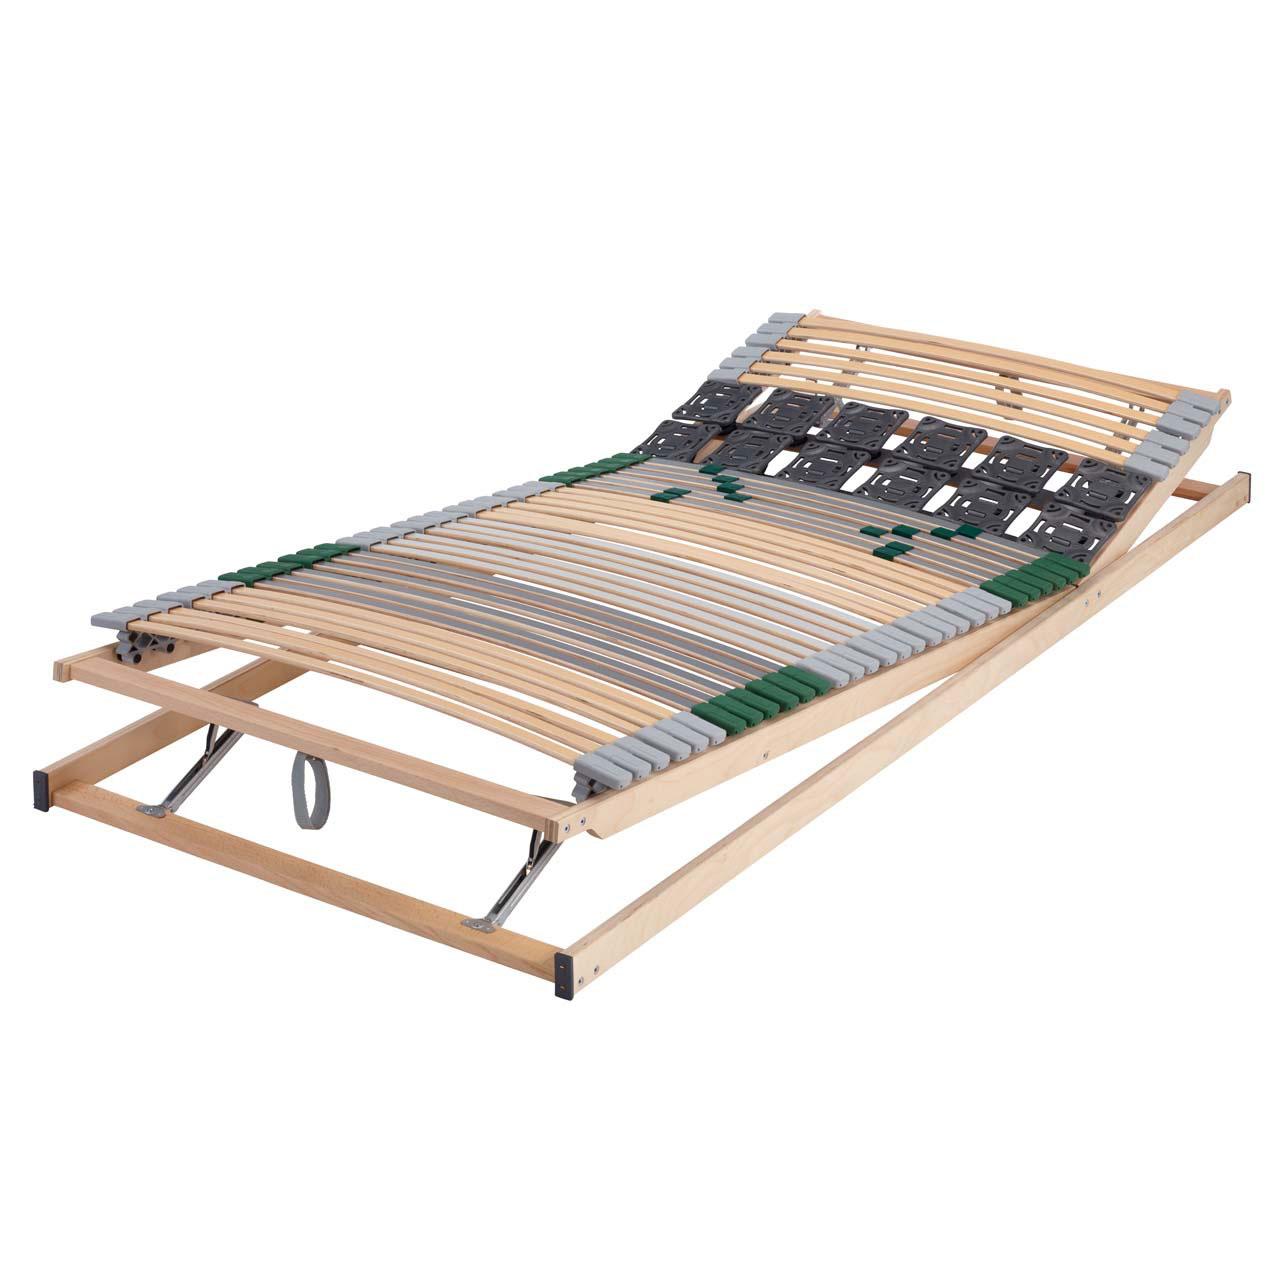 lattenroste starr schlafzimmer individuell einrichten mit dachschr ge gestalten bettw sche. Black Bedroom Furniture Sets. Home Design Ideas